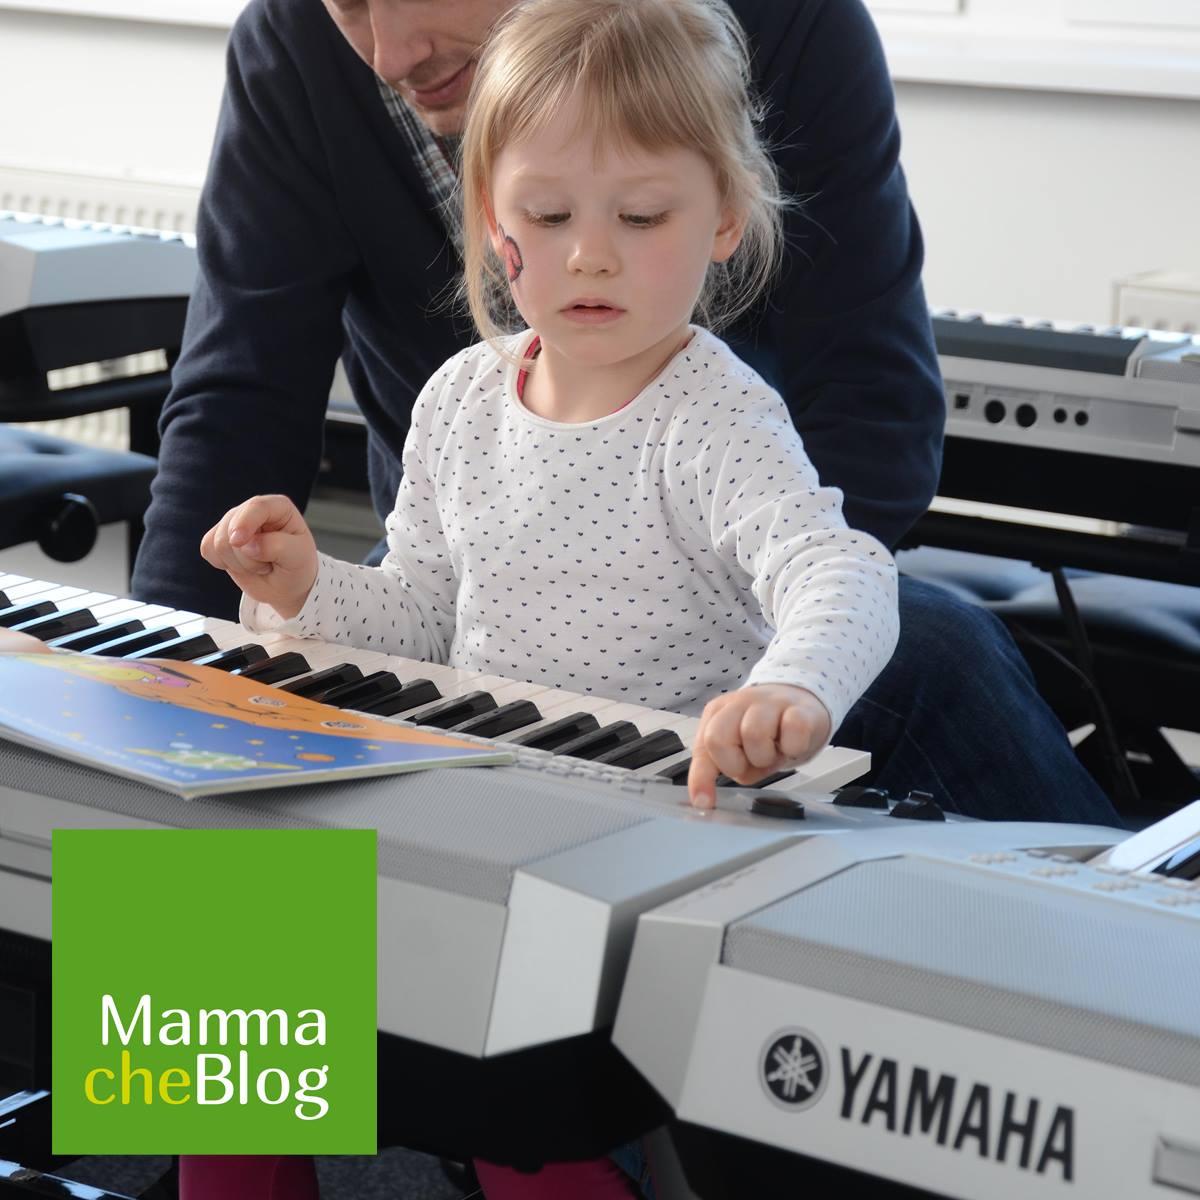 Bambina MammacheBlog Yamaha